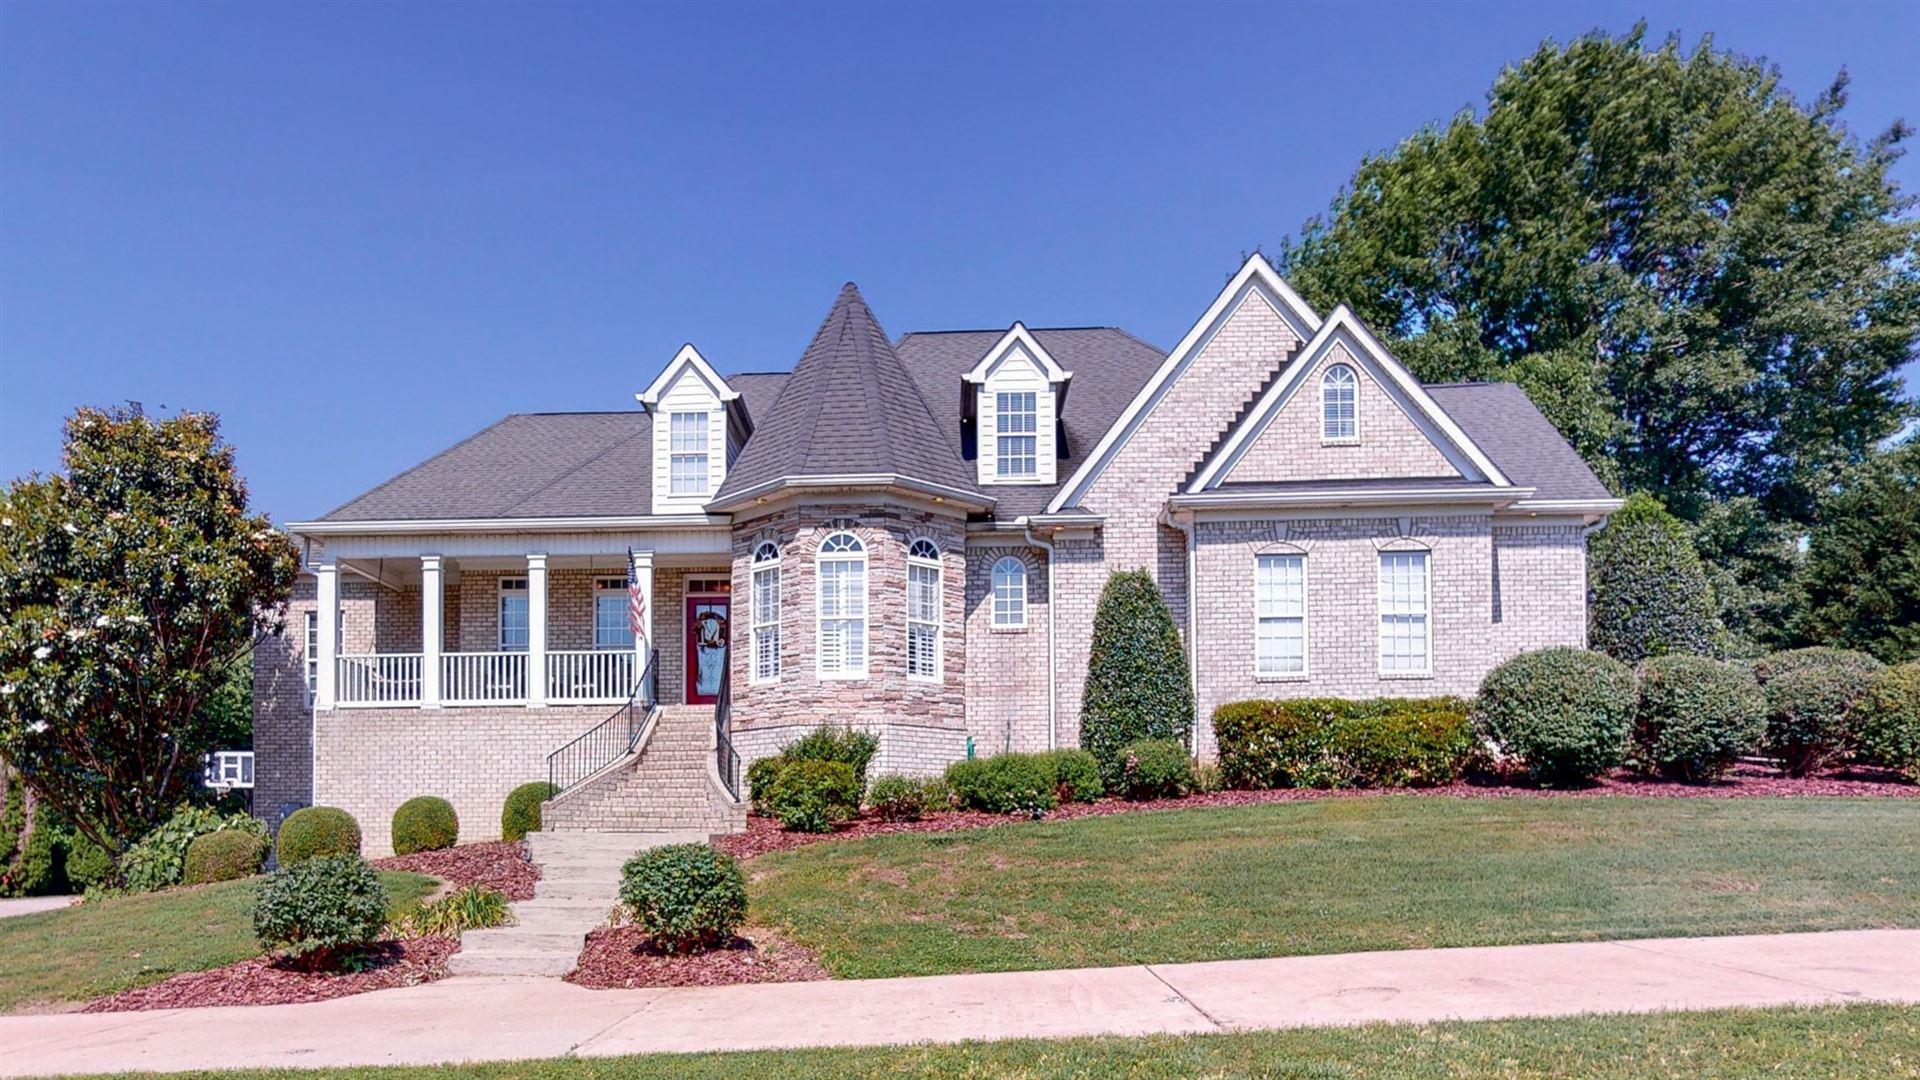 1256 Lewisburg Pike, Franklin, TN 37064 - MLS#: 2211382